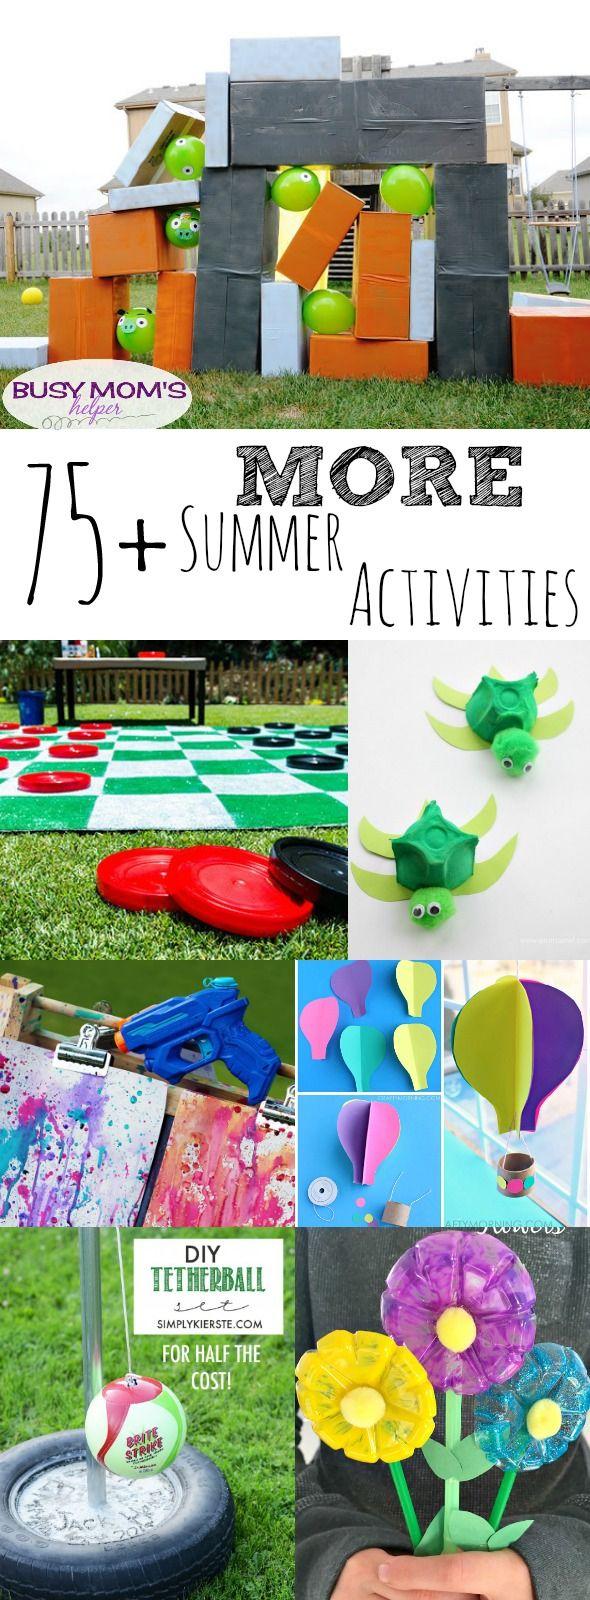 75 more summer activities - Fun Kid Pictures